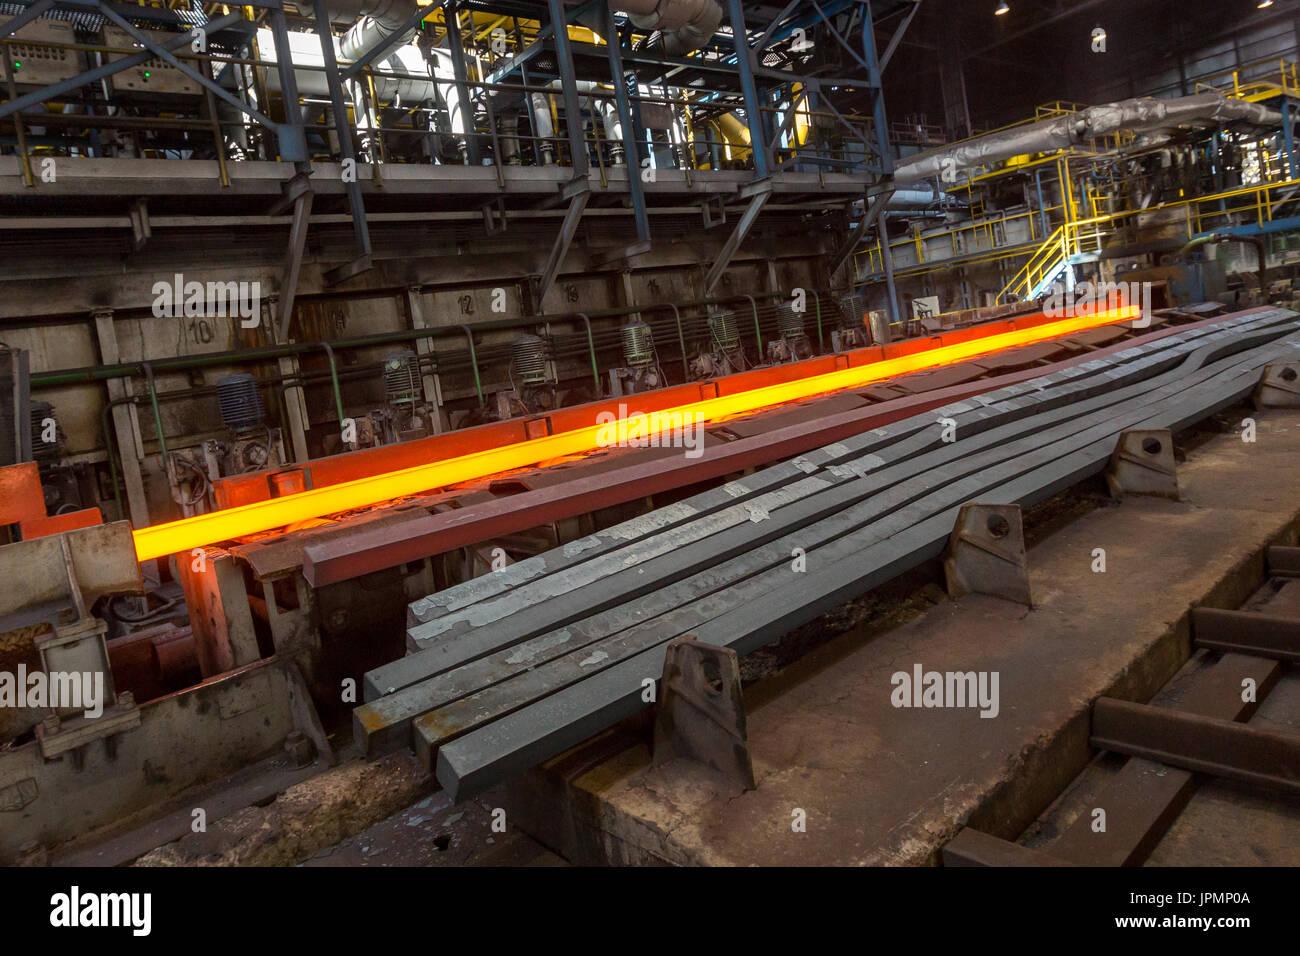 steel-mill-arcelormittal-ostrava-rolling-mill-JPMP0A.jpg